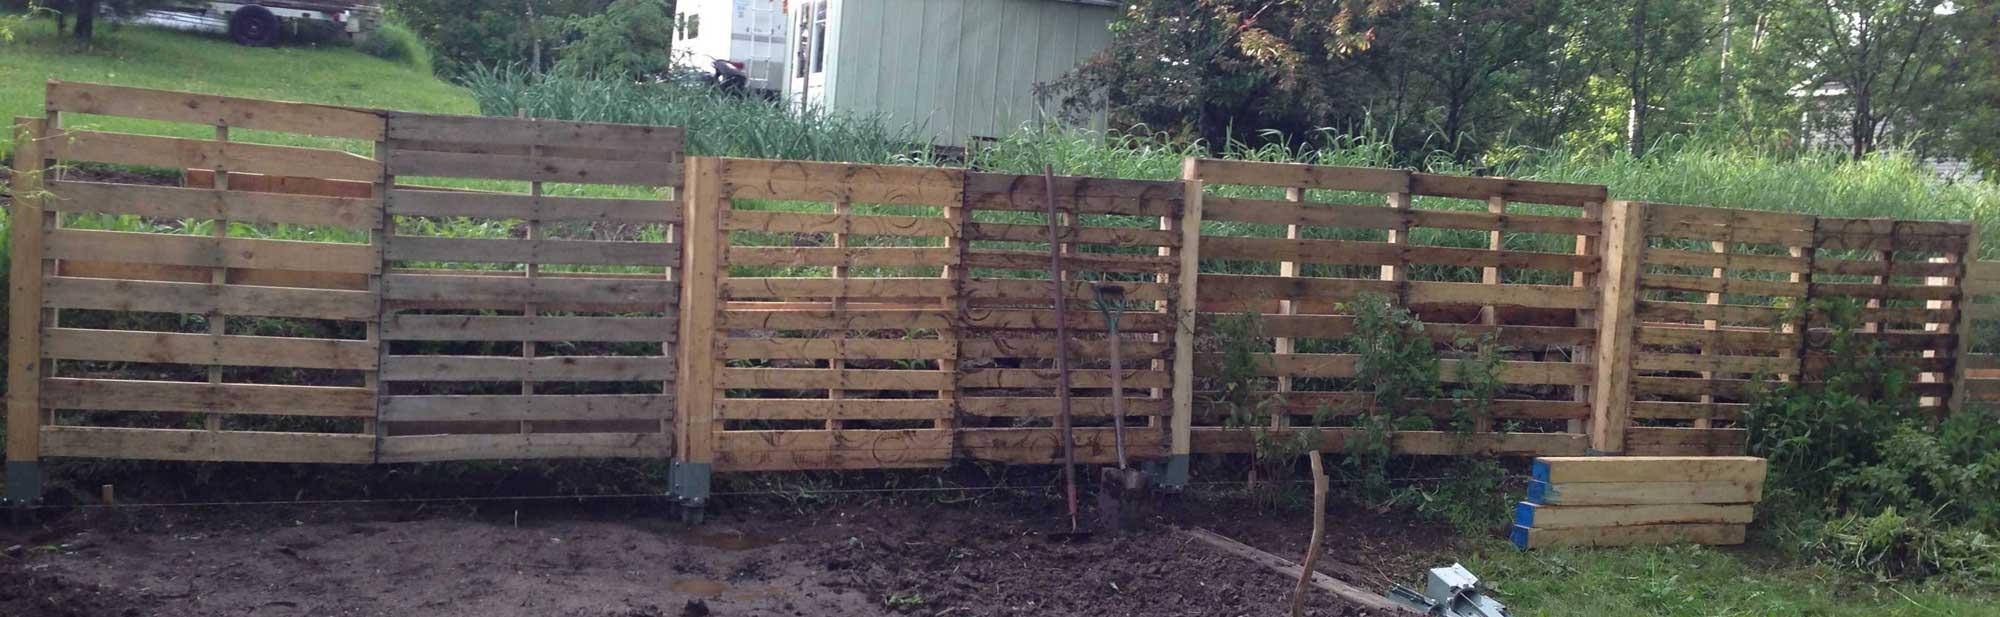 DIY Fence Pallet Posts